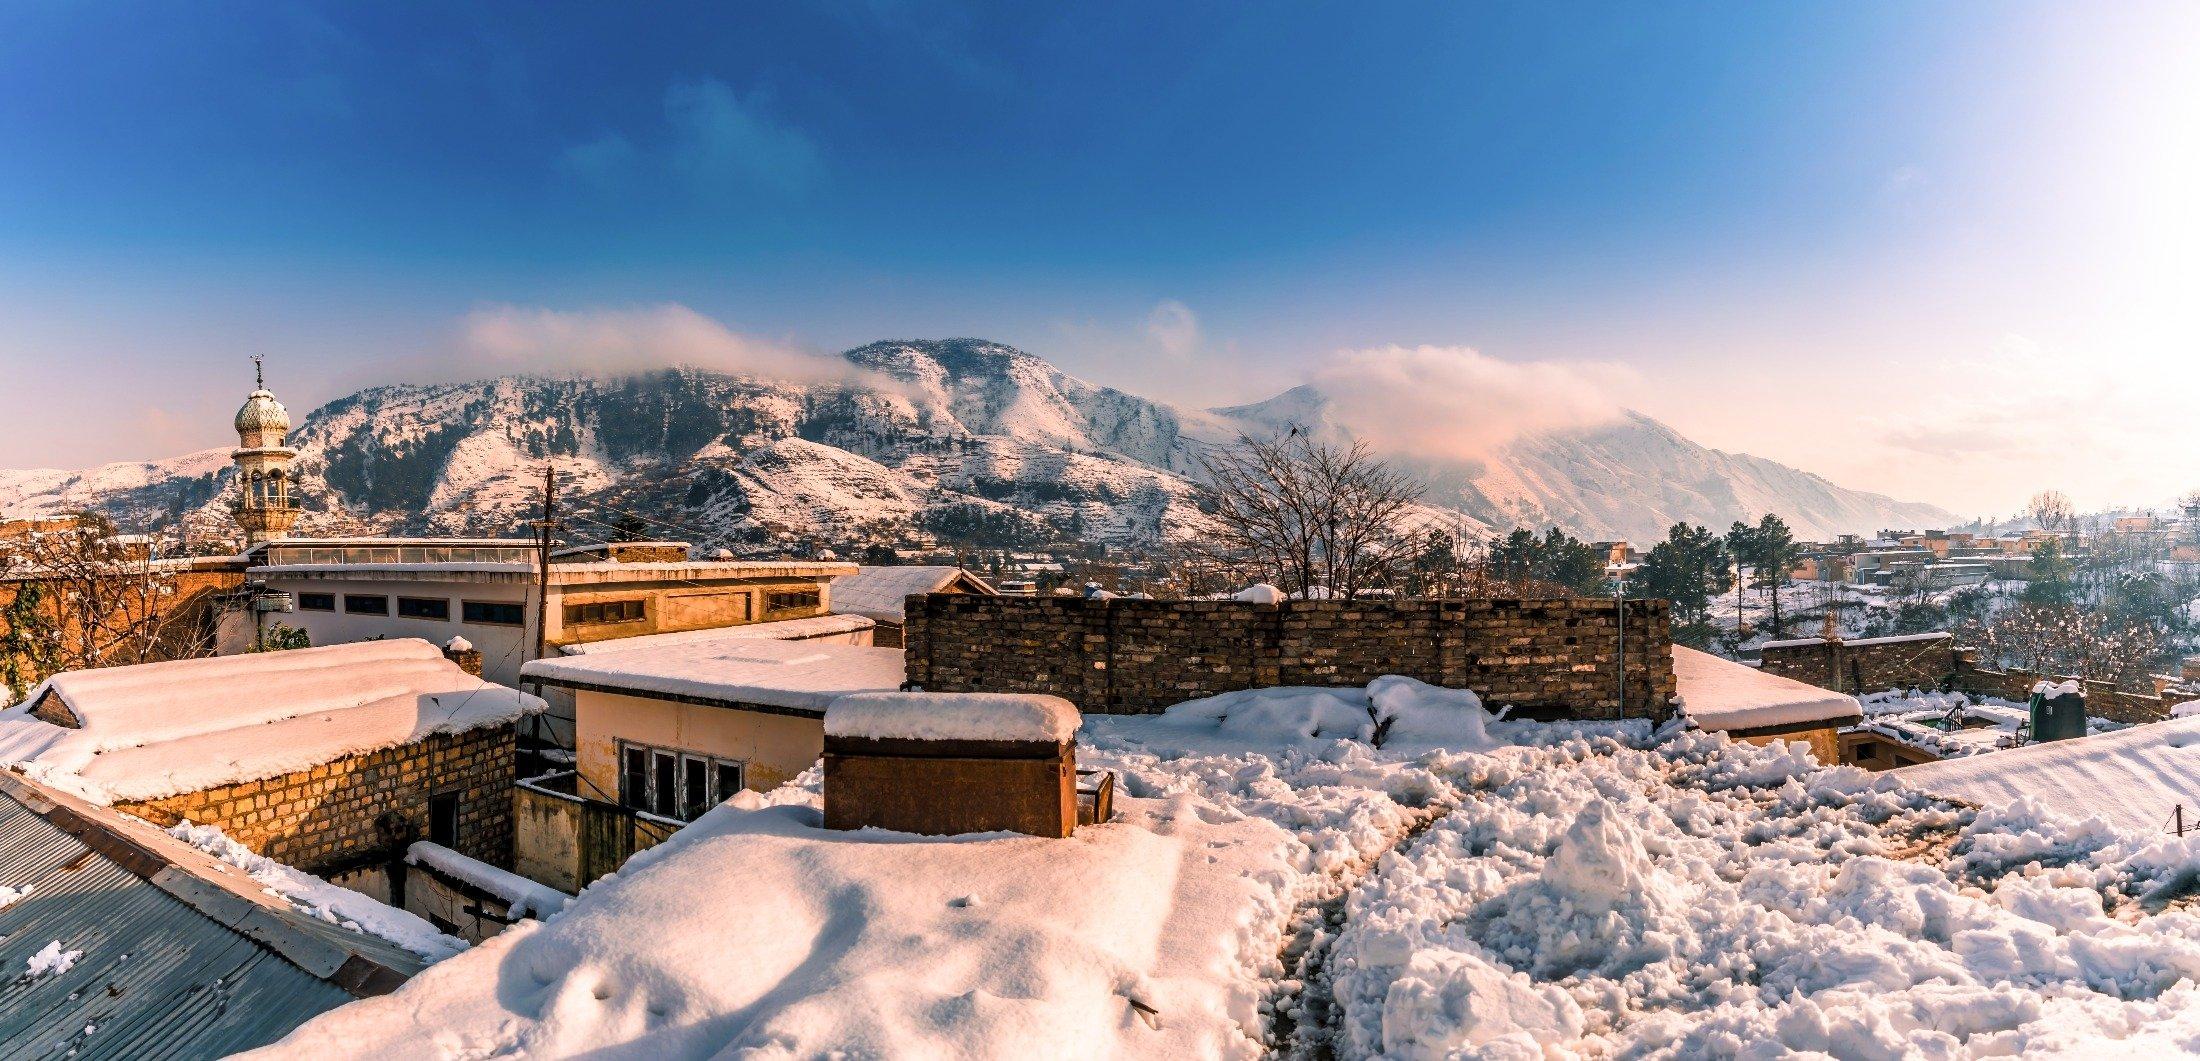 Sun shines on heavy snowfall in Abbottabad, Pakistan. (Shutterstock Photo)